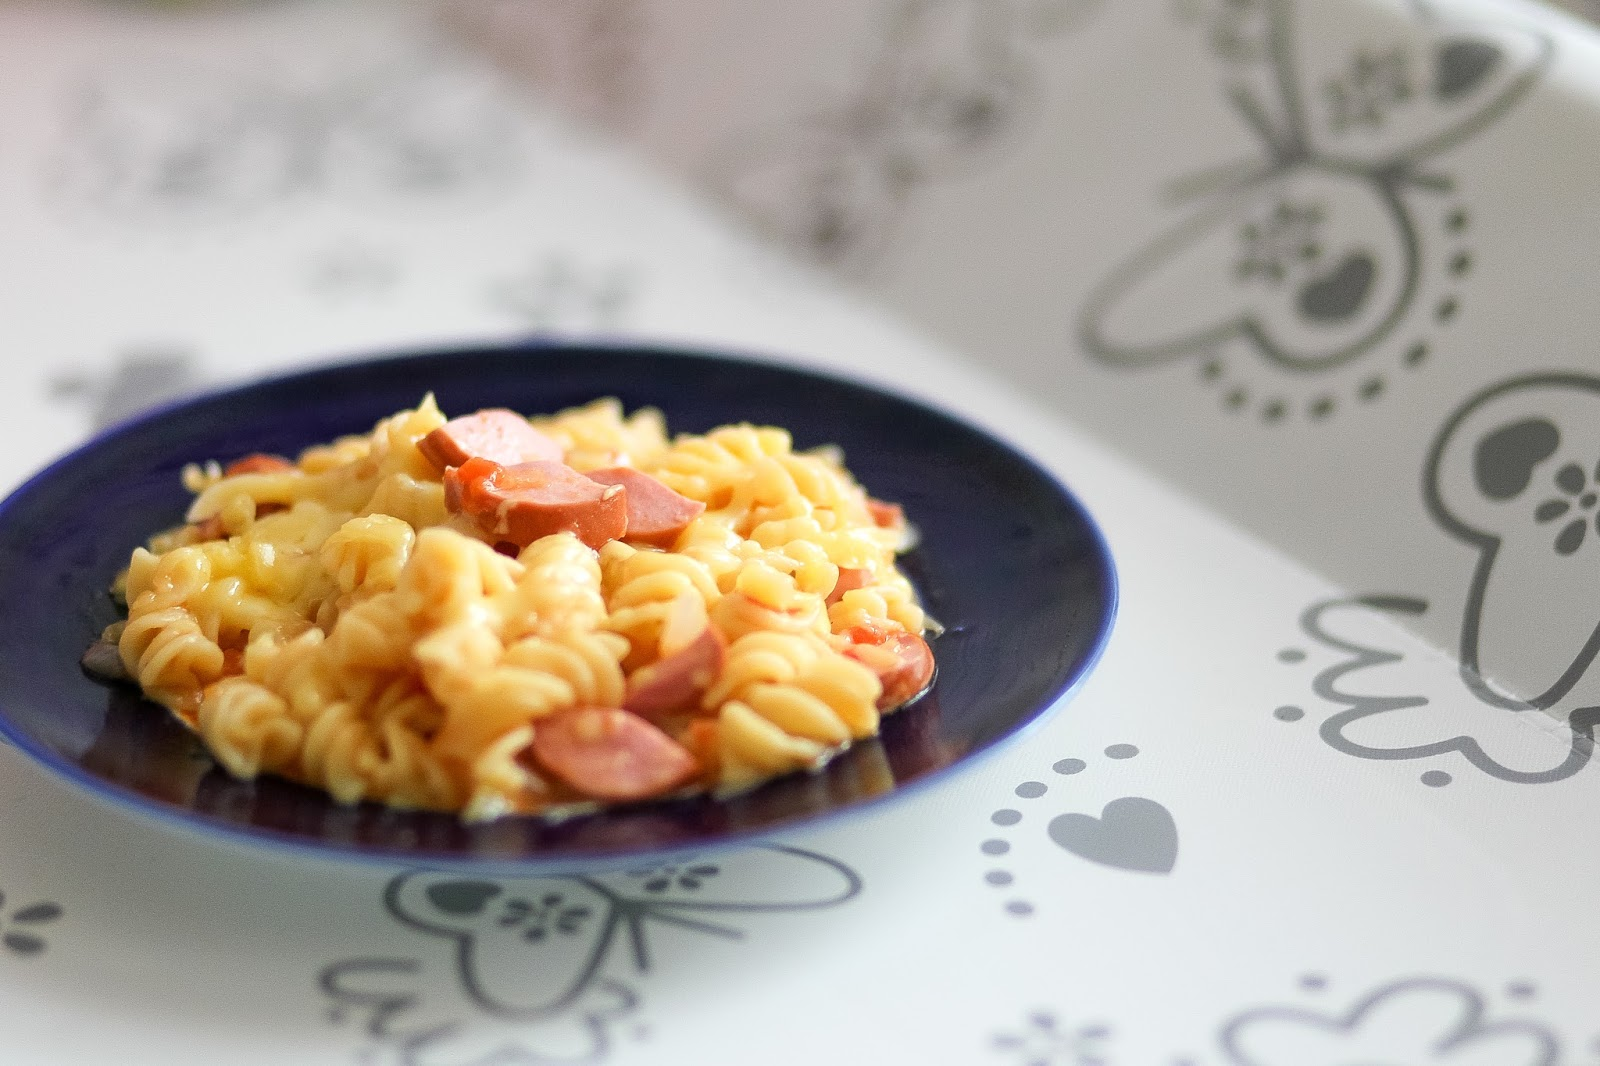 Макароны с колбасой и яйцом рецепт пошагово